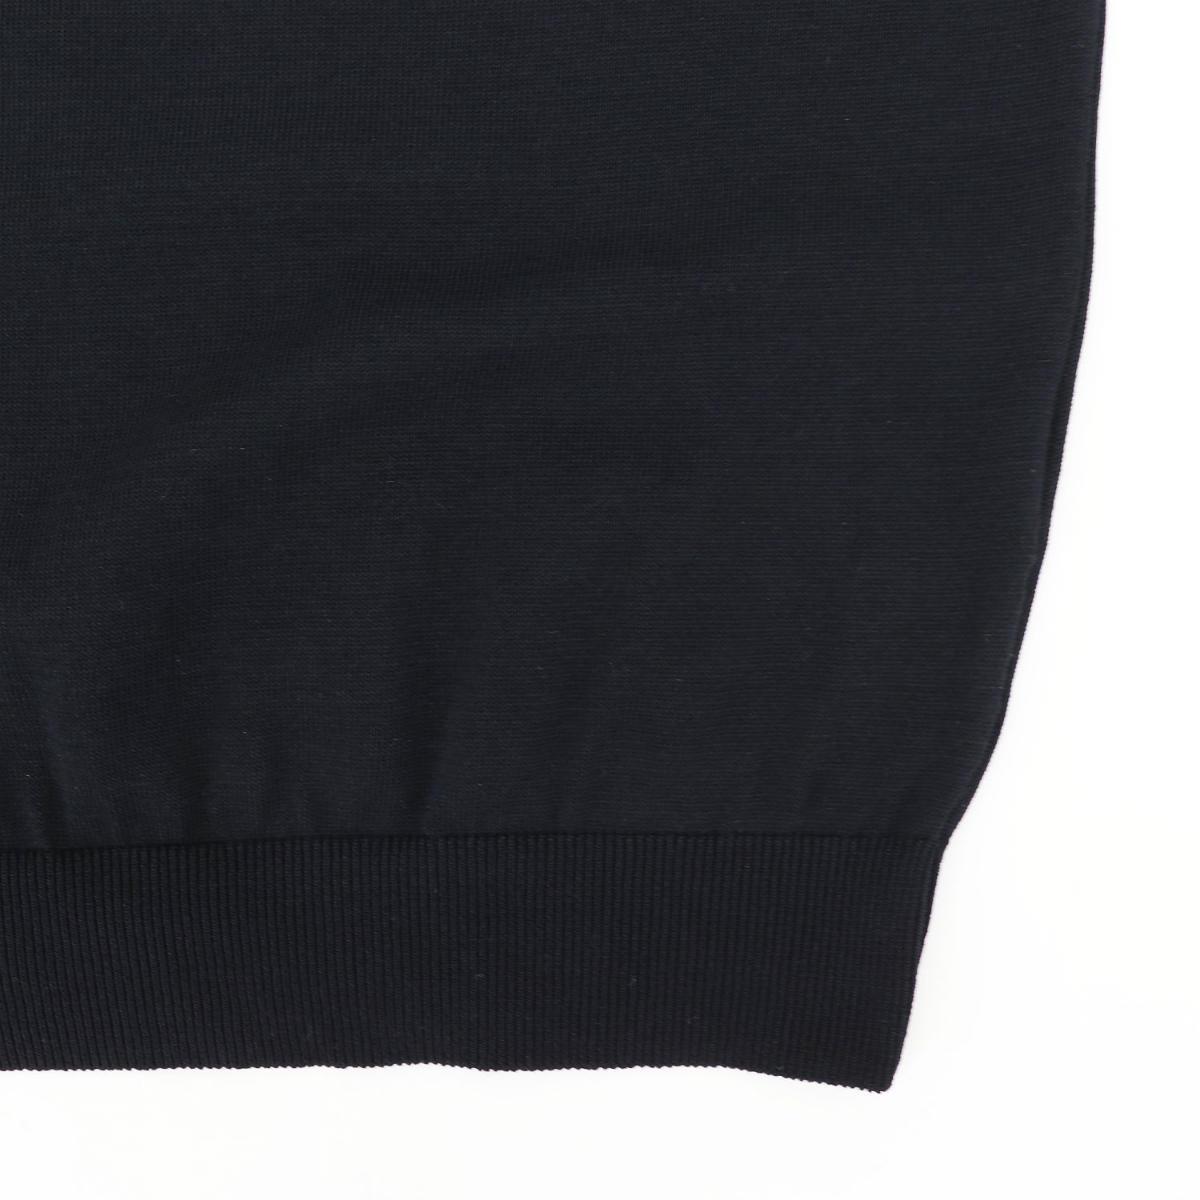 スキッパーポロ サマーニット BLACK(ブラック)